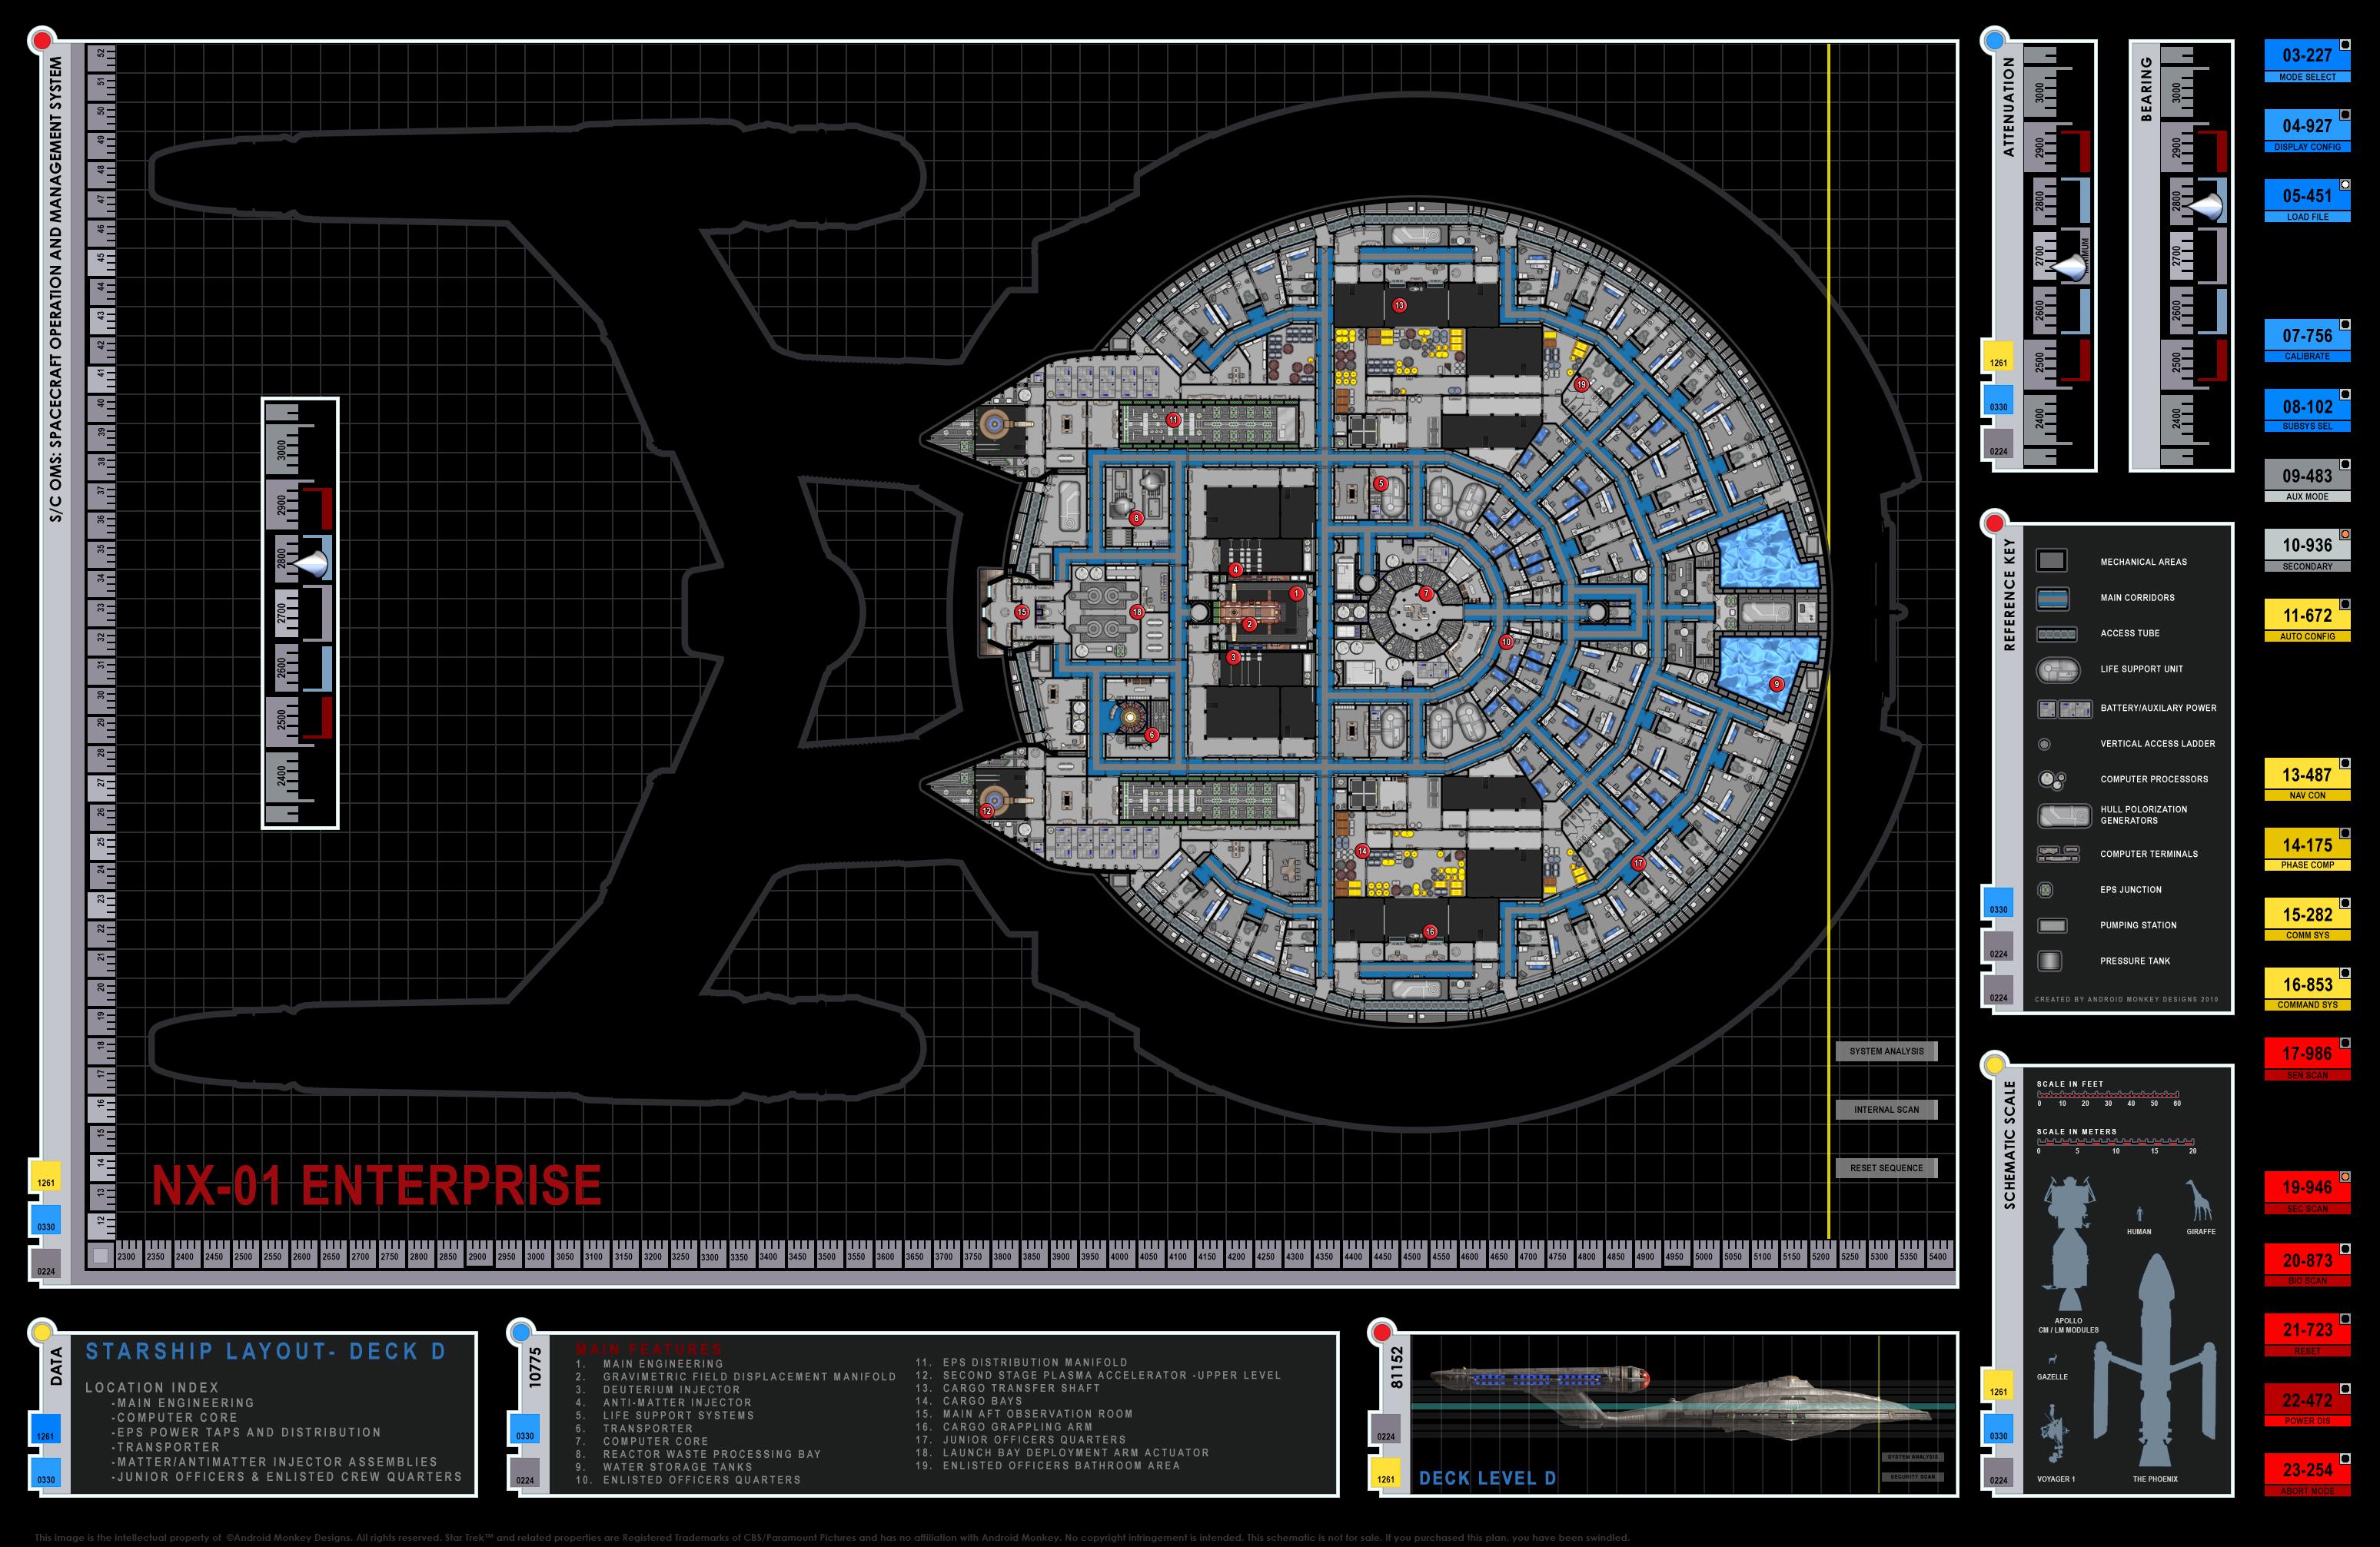 Star trek blueprints enterprise nx 01 deck plans for Deck blueprints